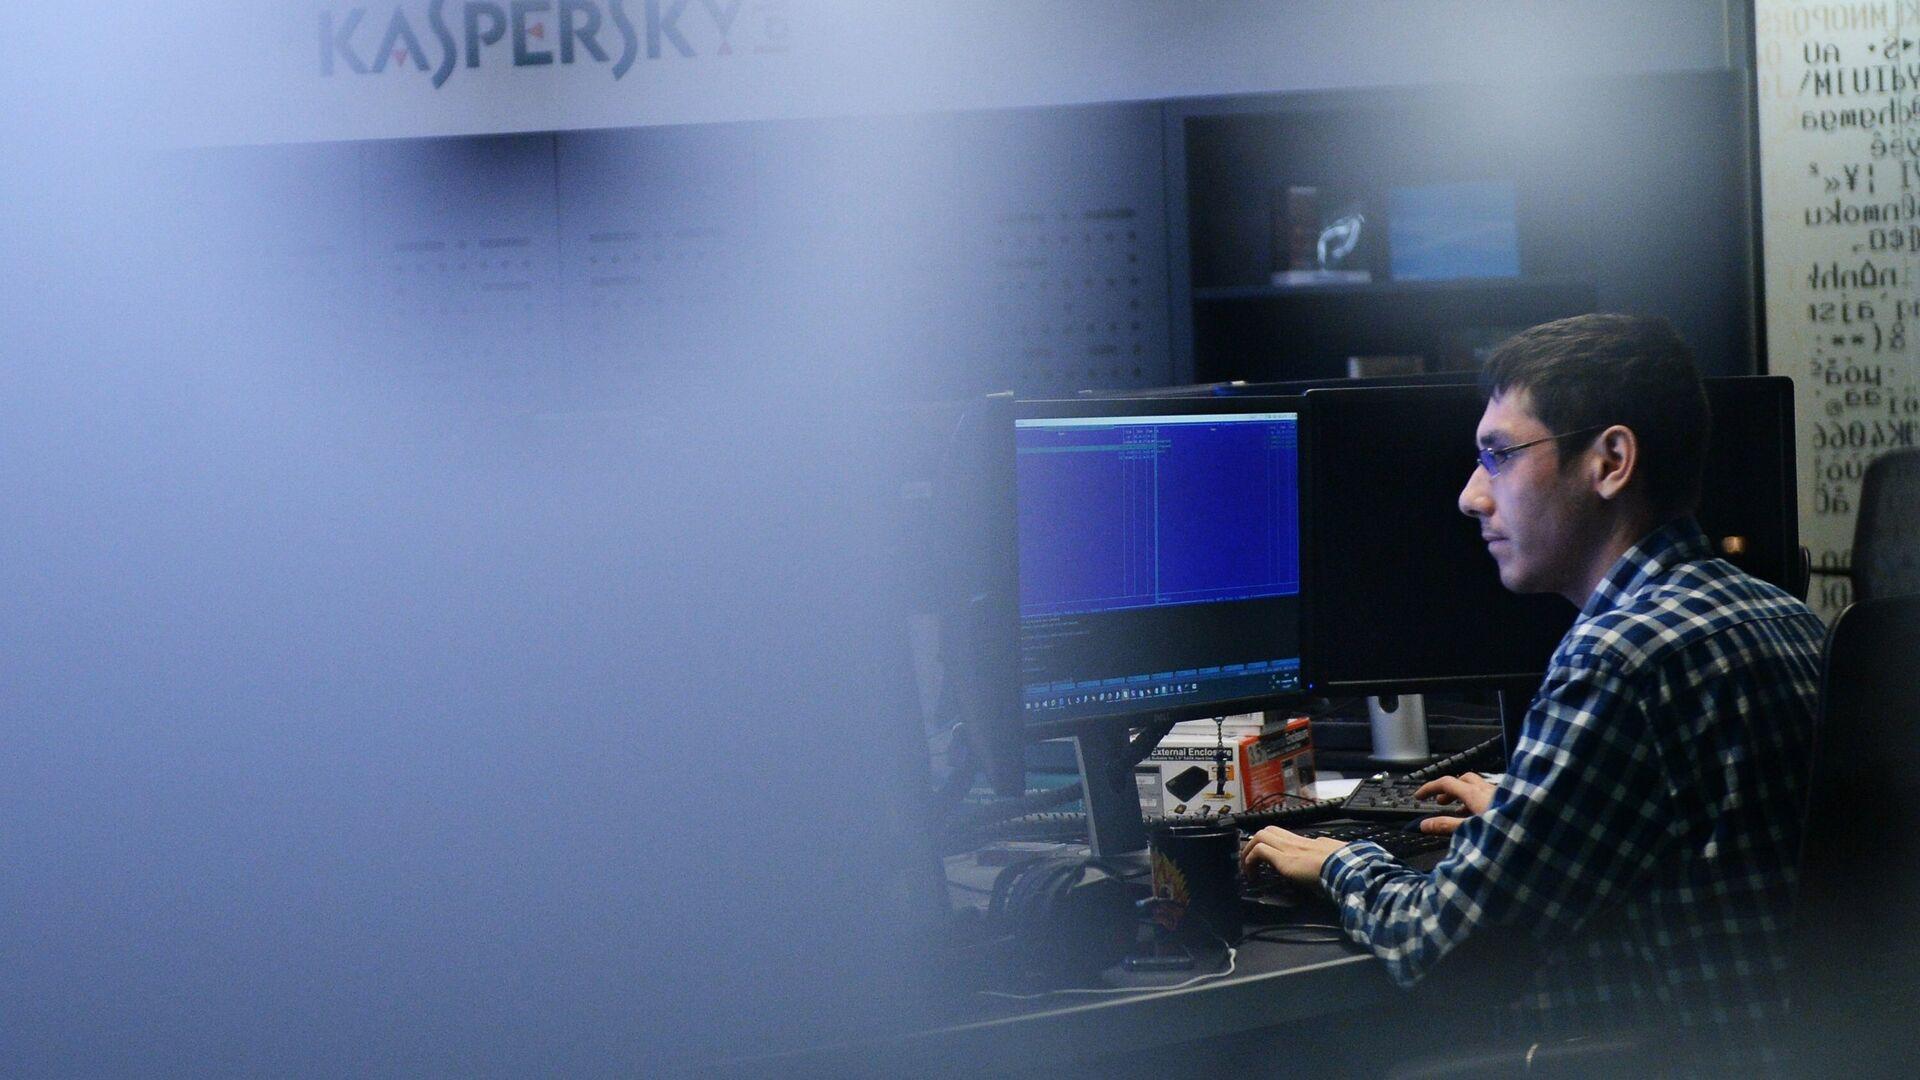 В московском вузе разработали программу, распознающую травлю в соцсетях